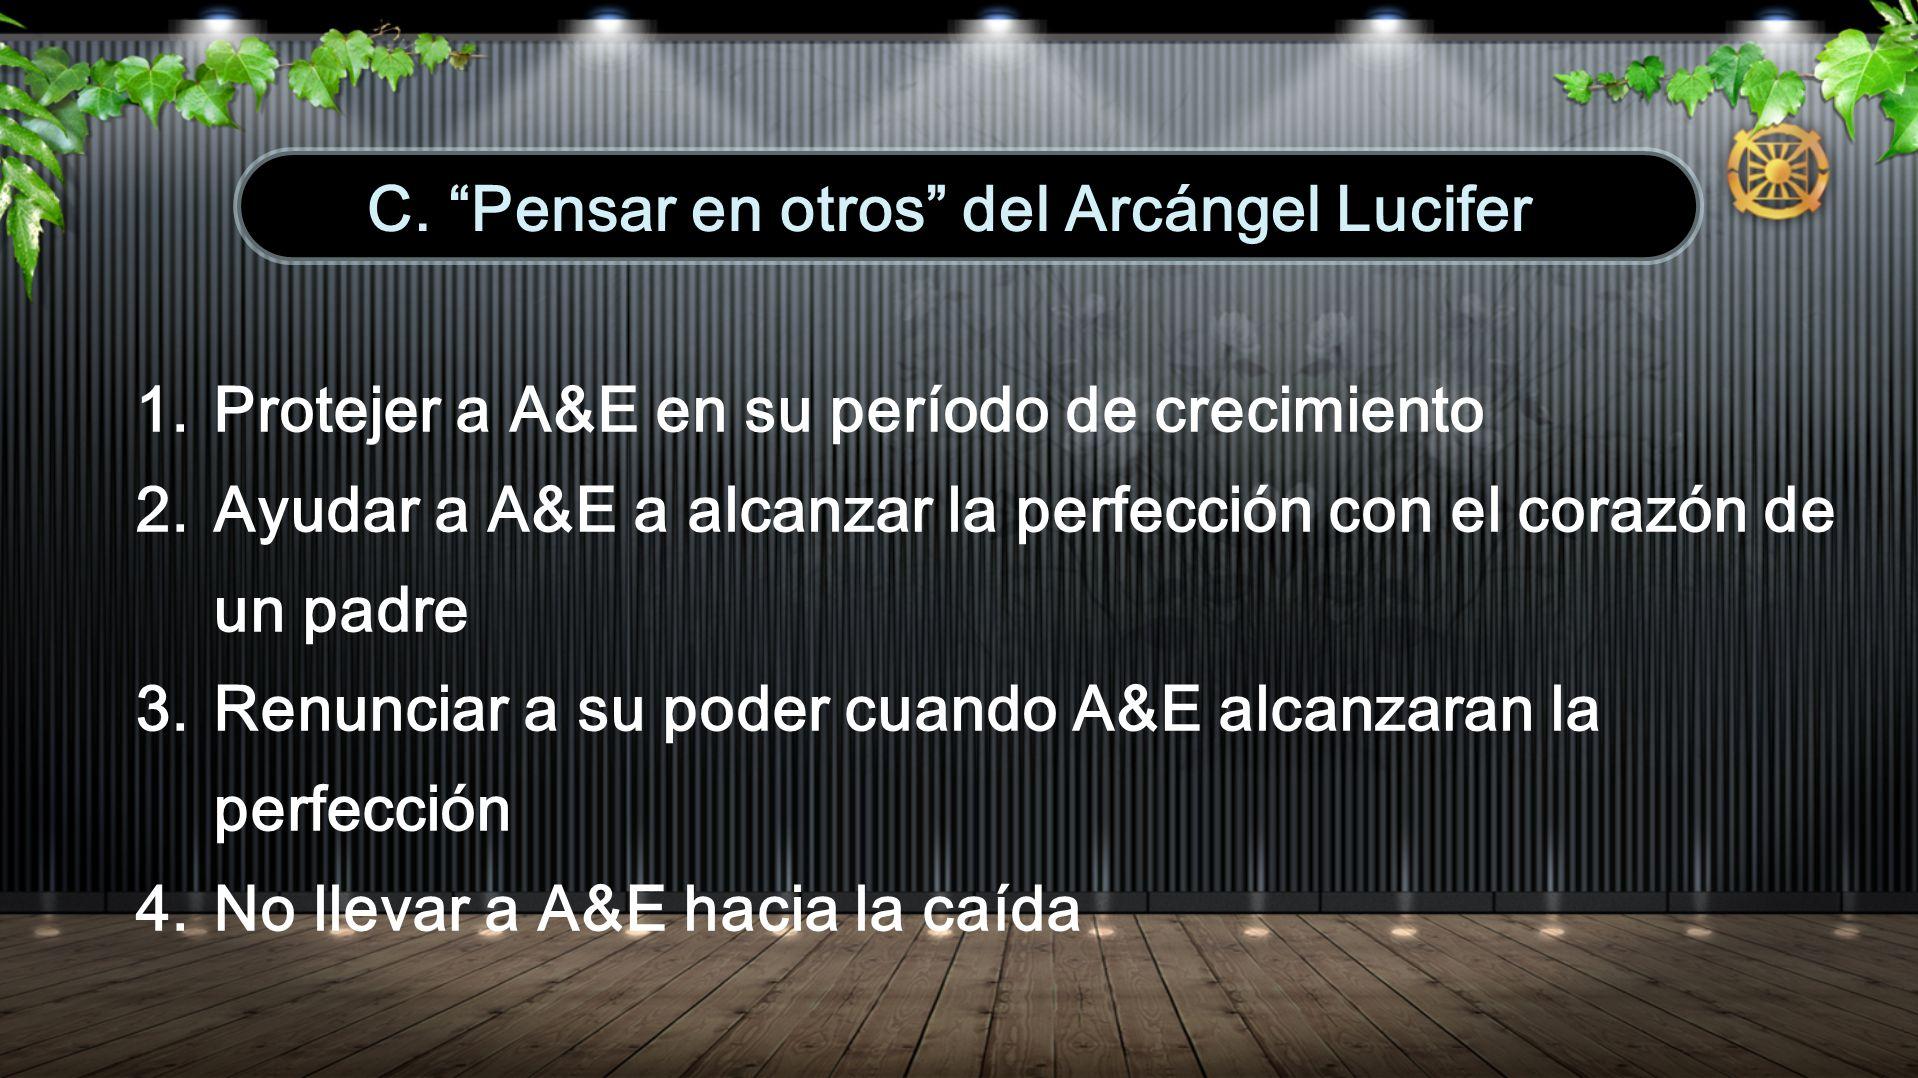 C. Pensar en otros del Arcángel Lucifer